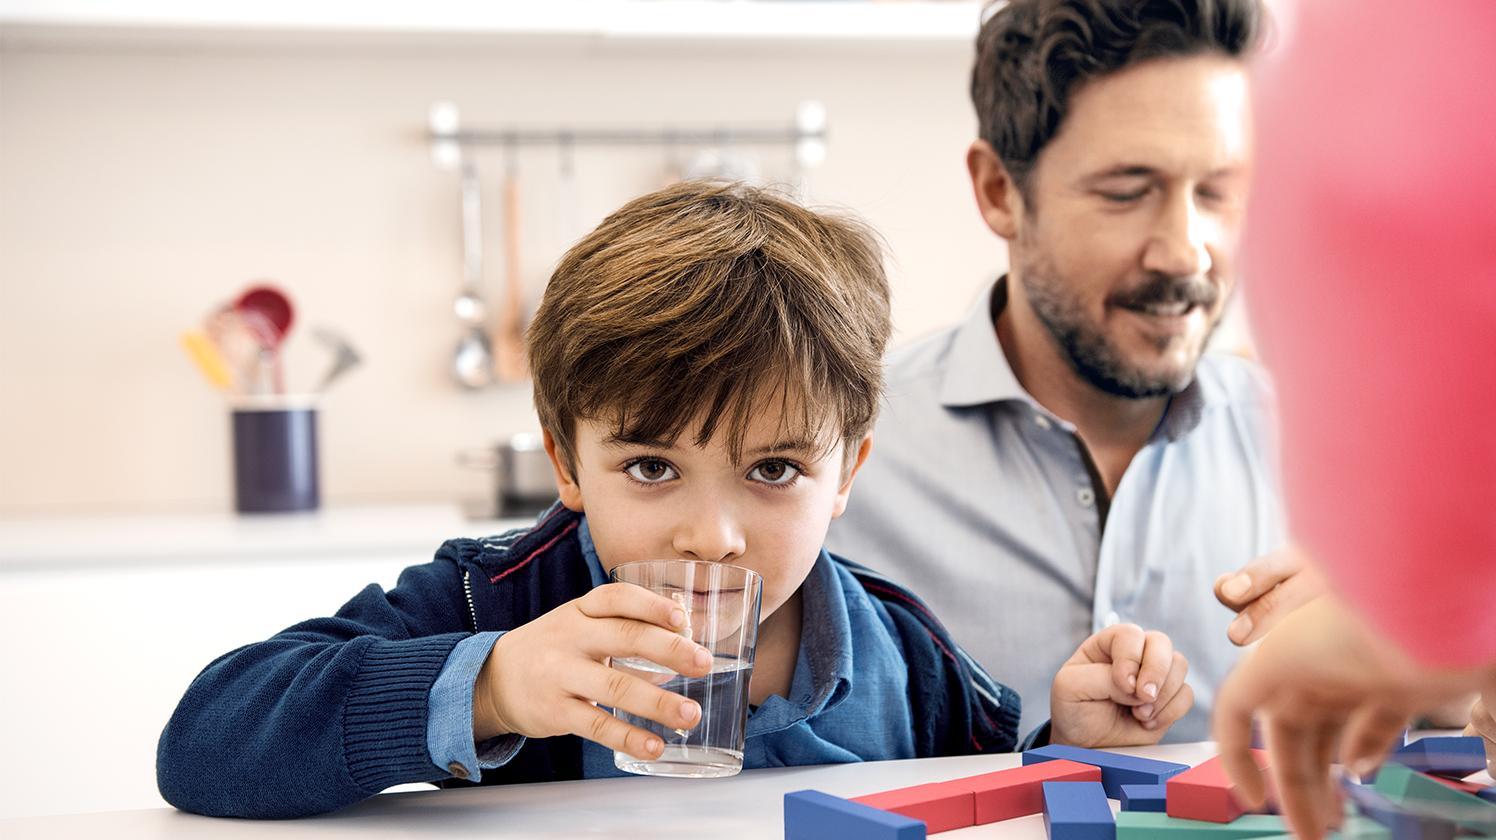 BRITA Wasser für Schulen – Junge trinkt Wasser